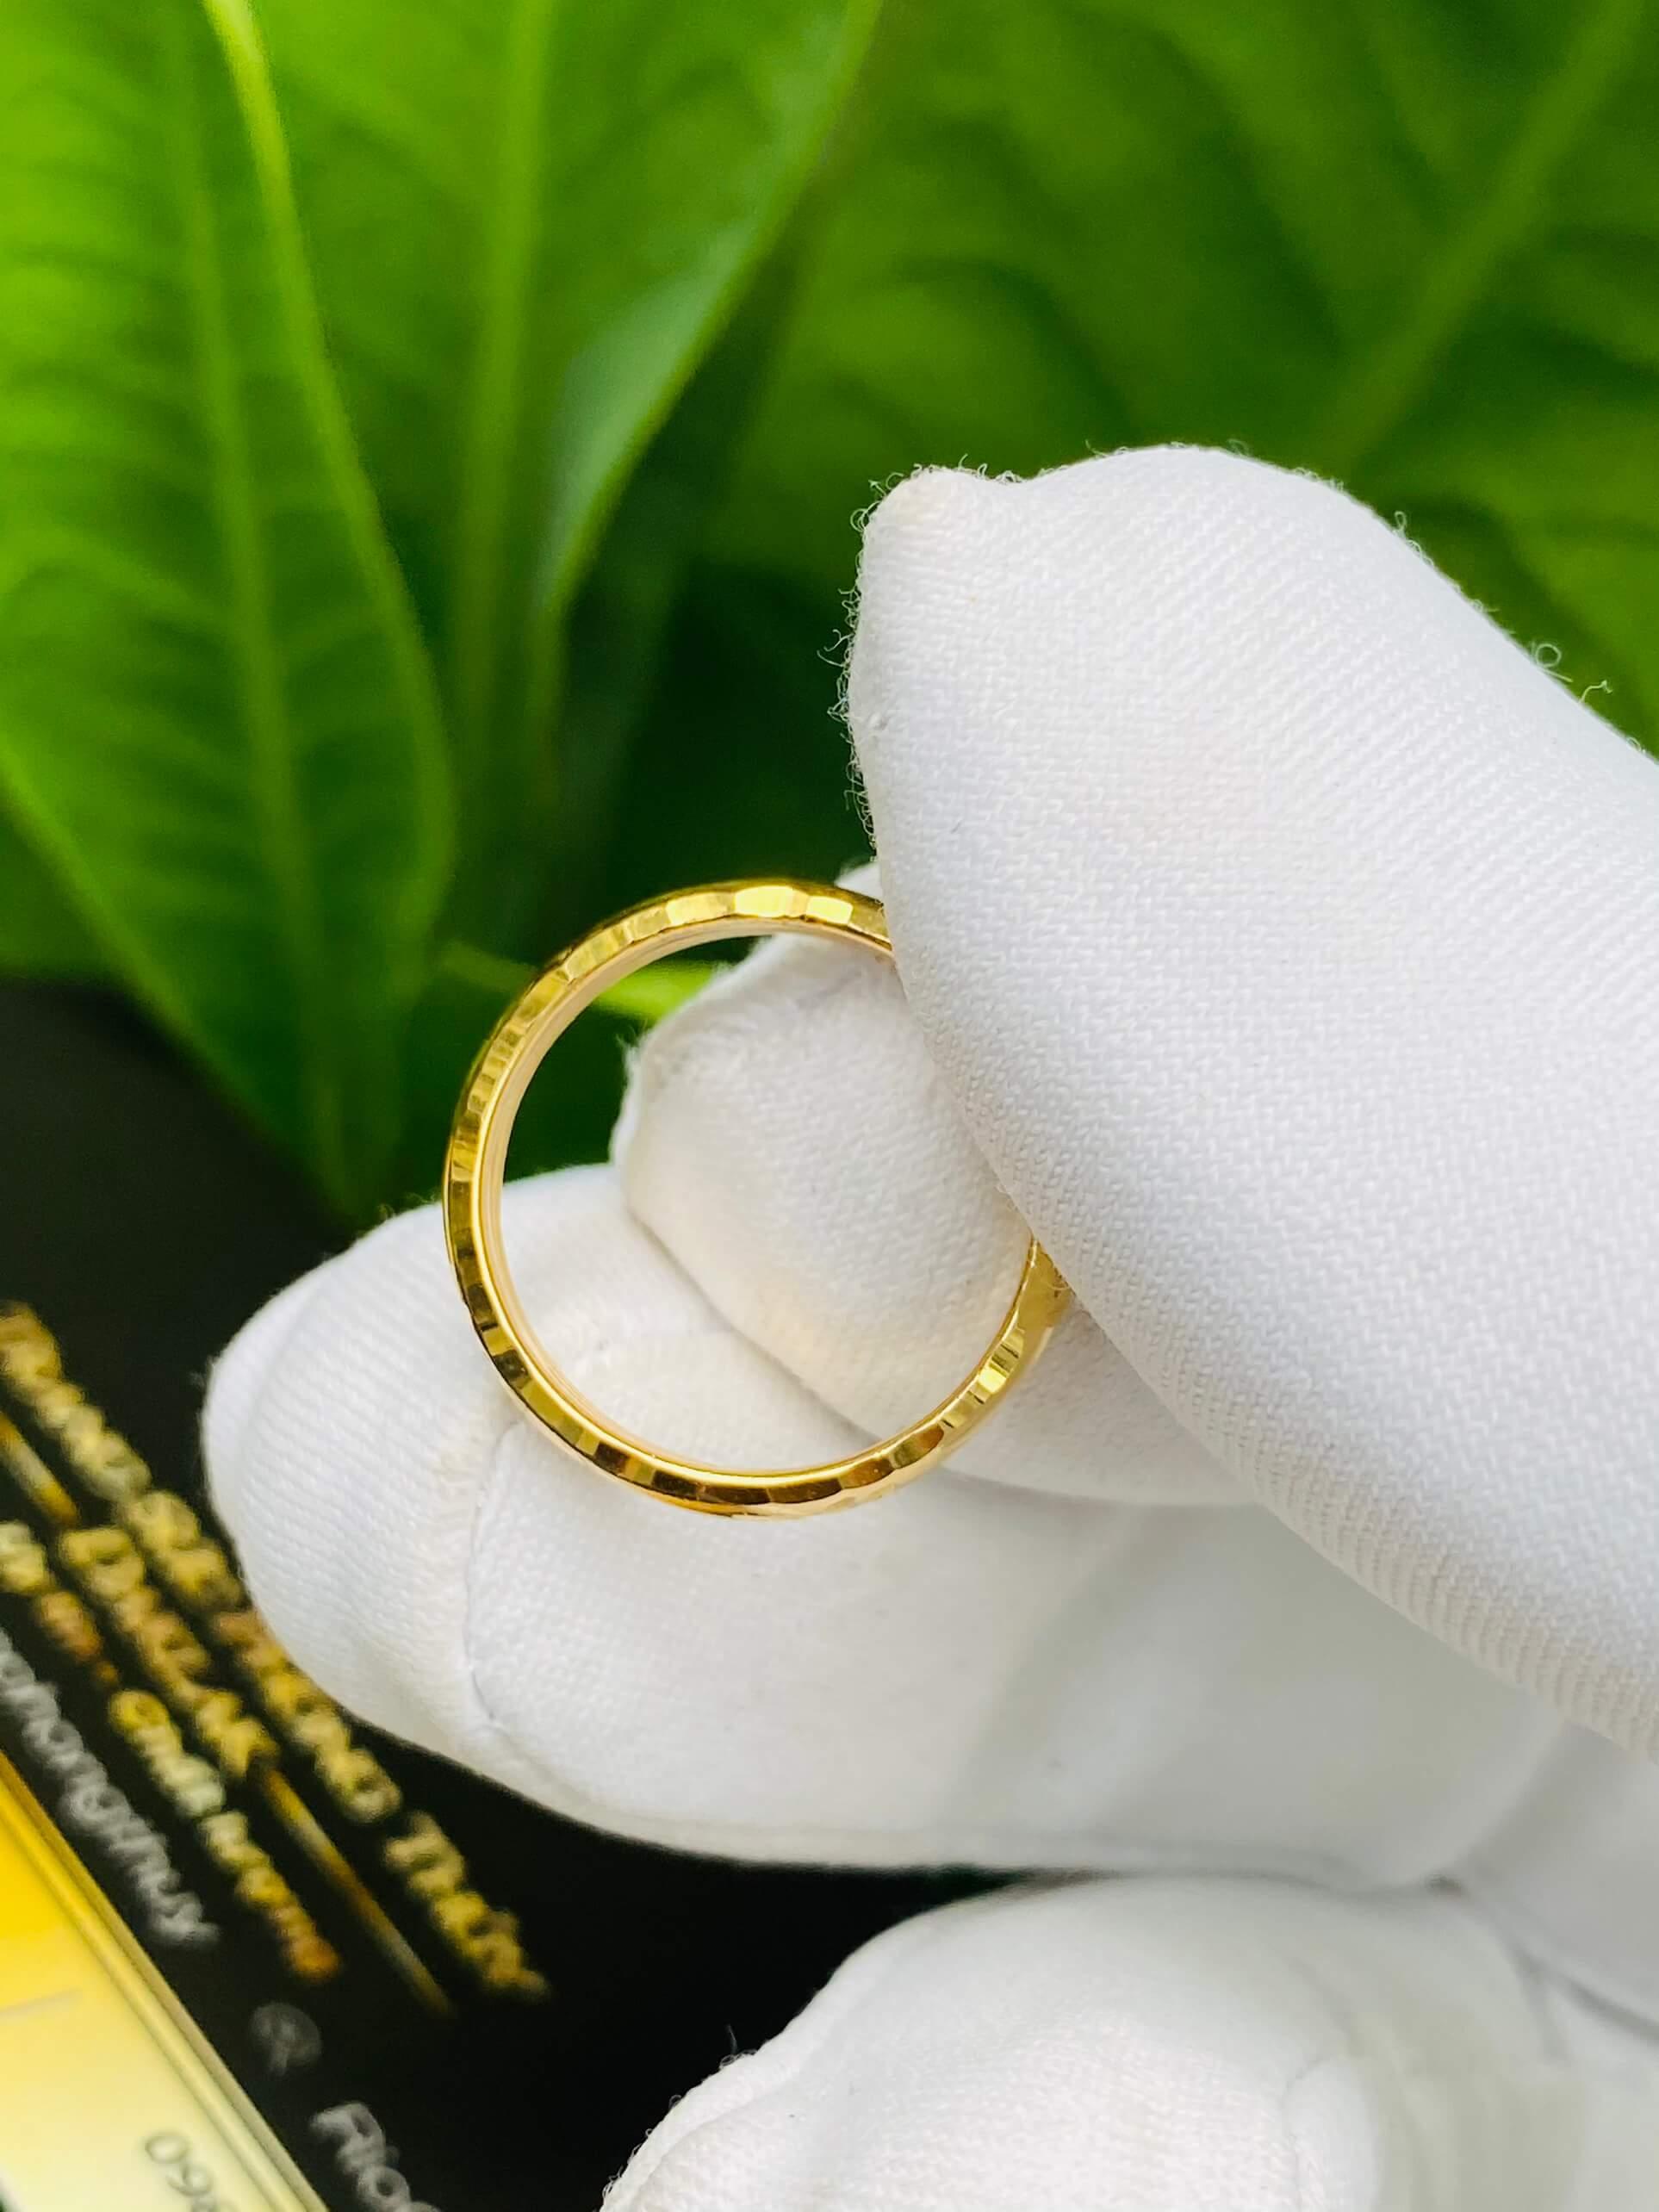 kích thước nhẫn vừa cho nam và nữ